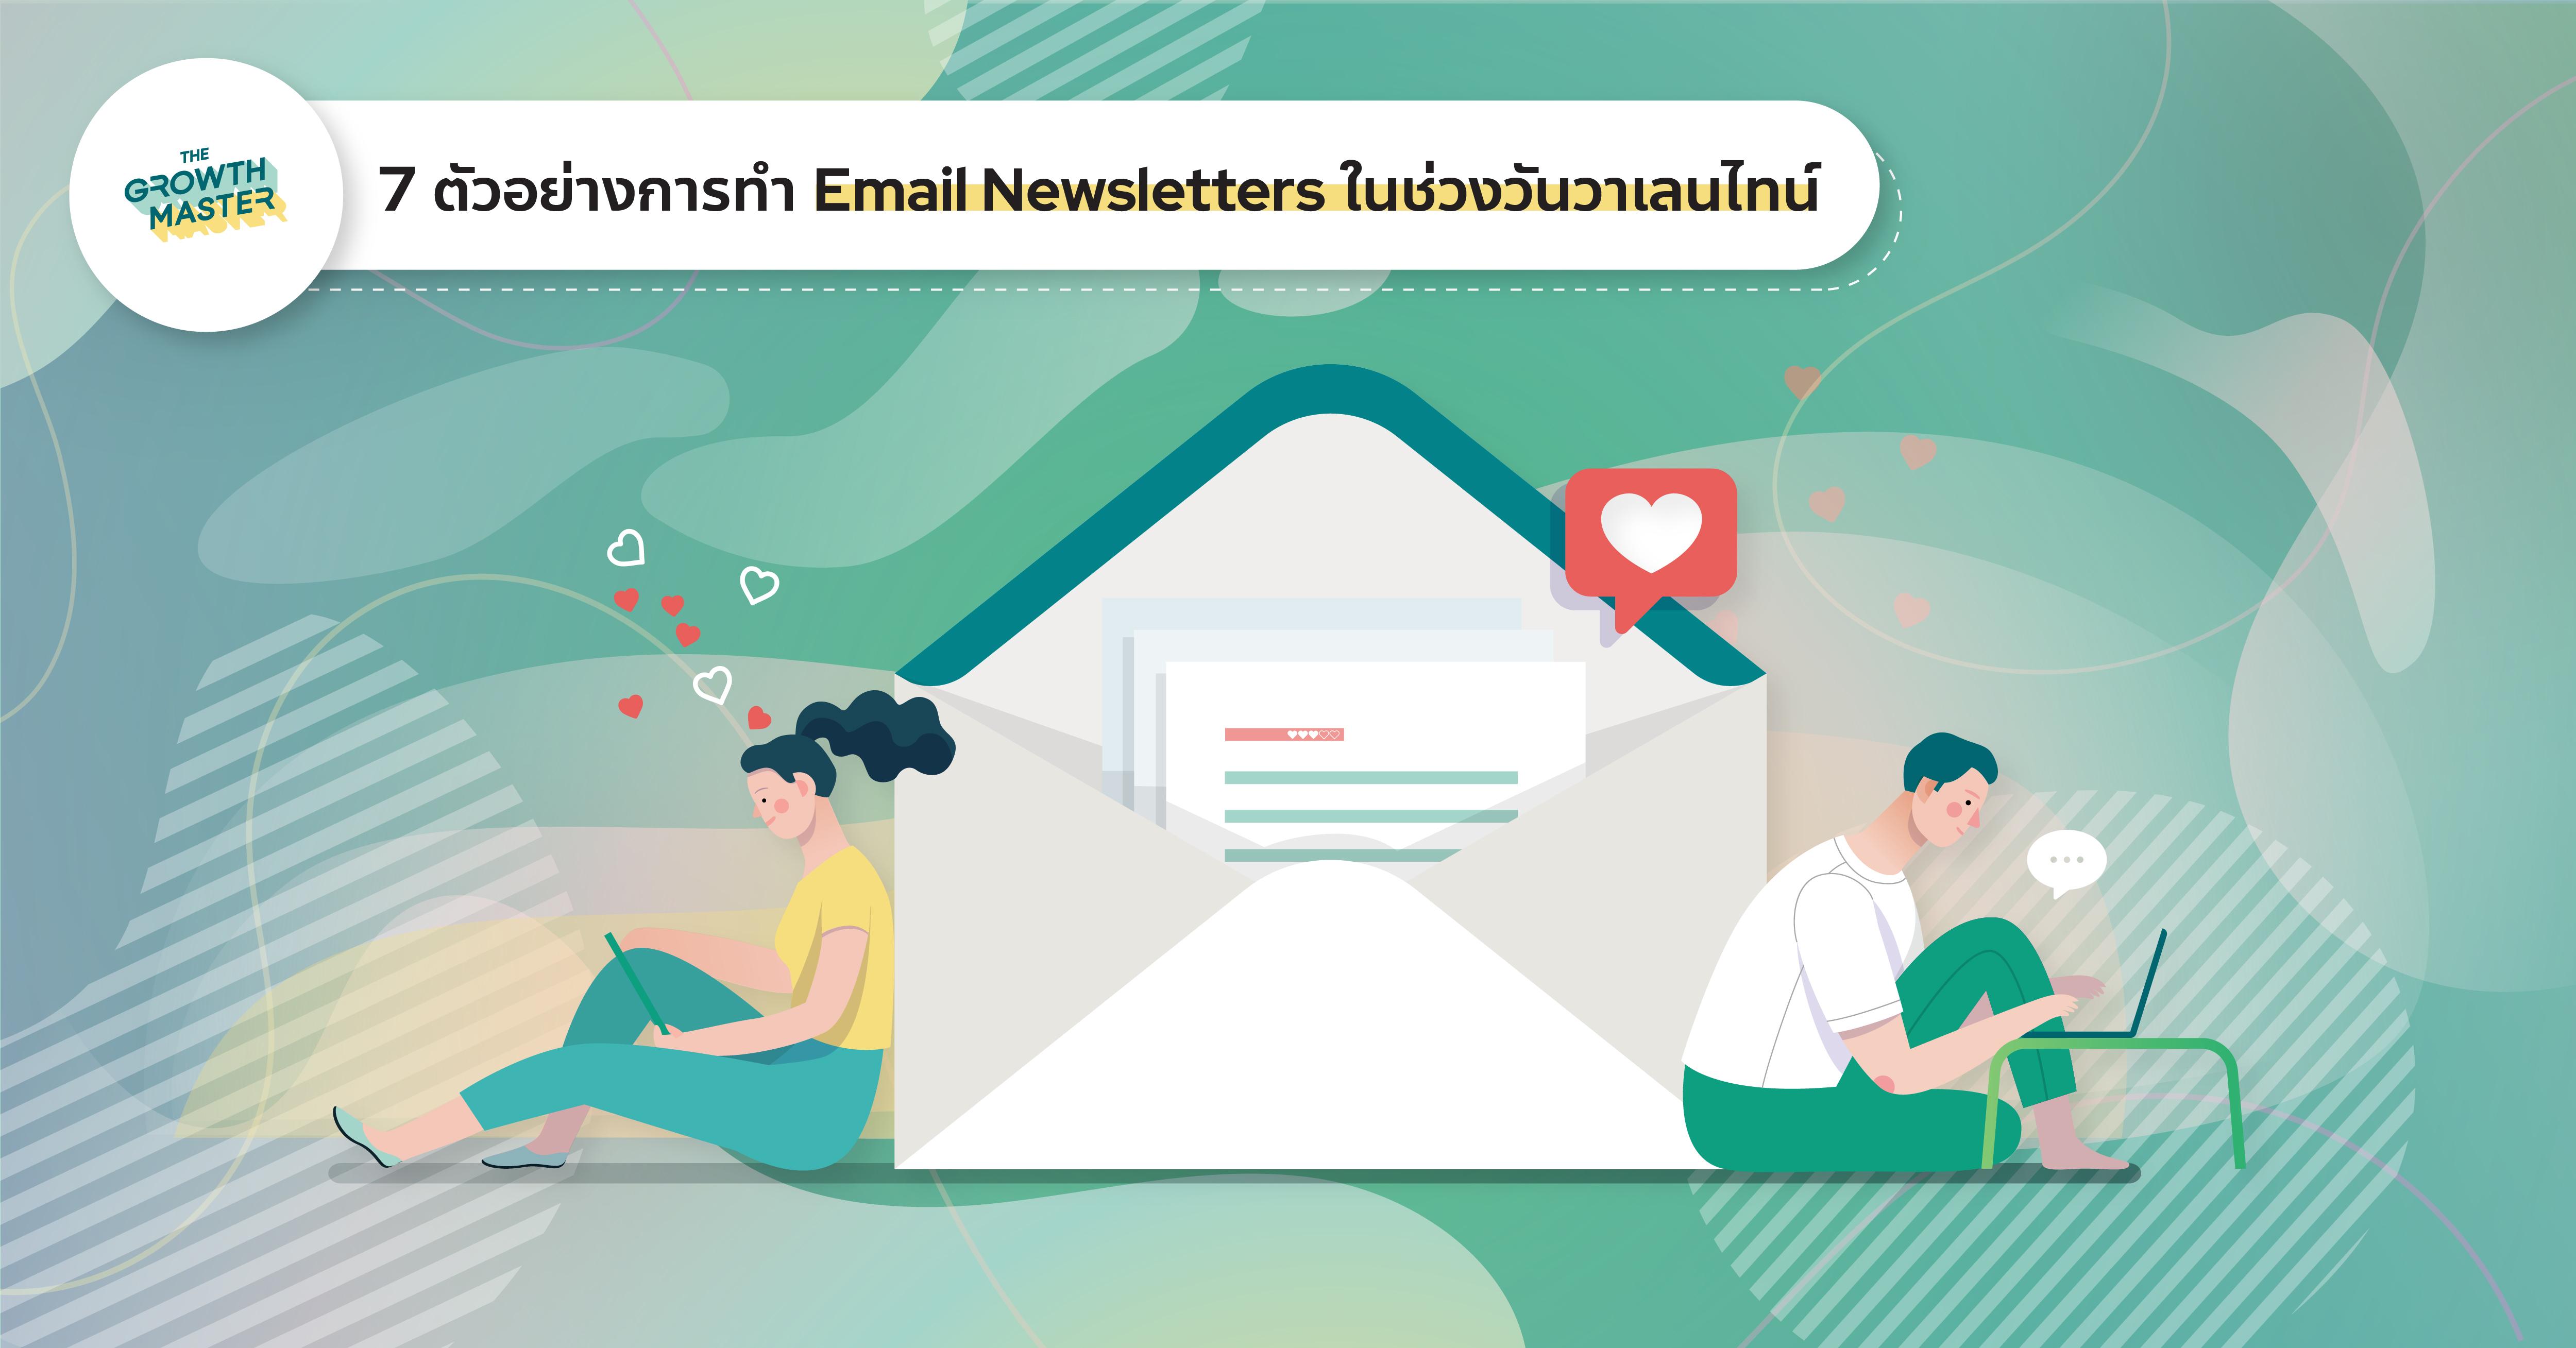 7 ตัวอย่างการทำ Email Marketing ในช่วงวันวาเลนไทน์